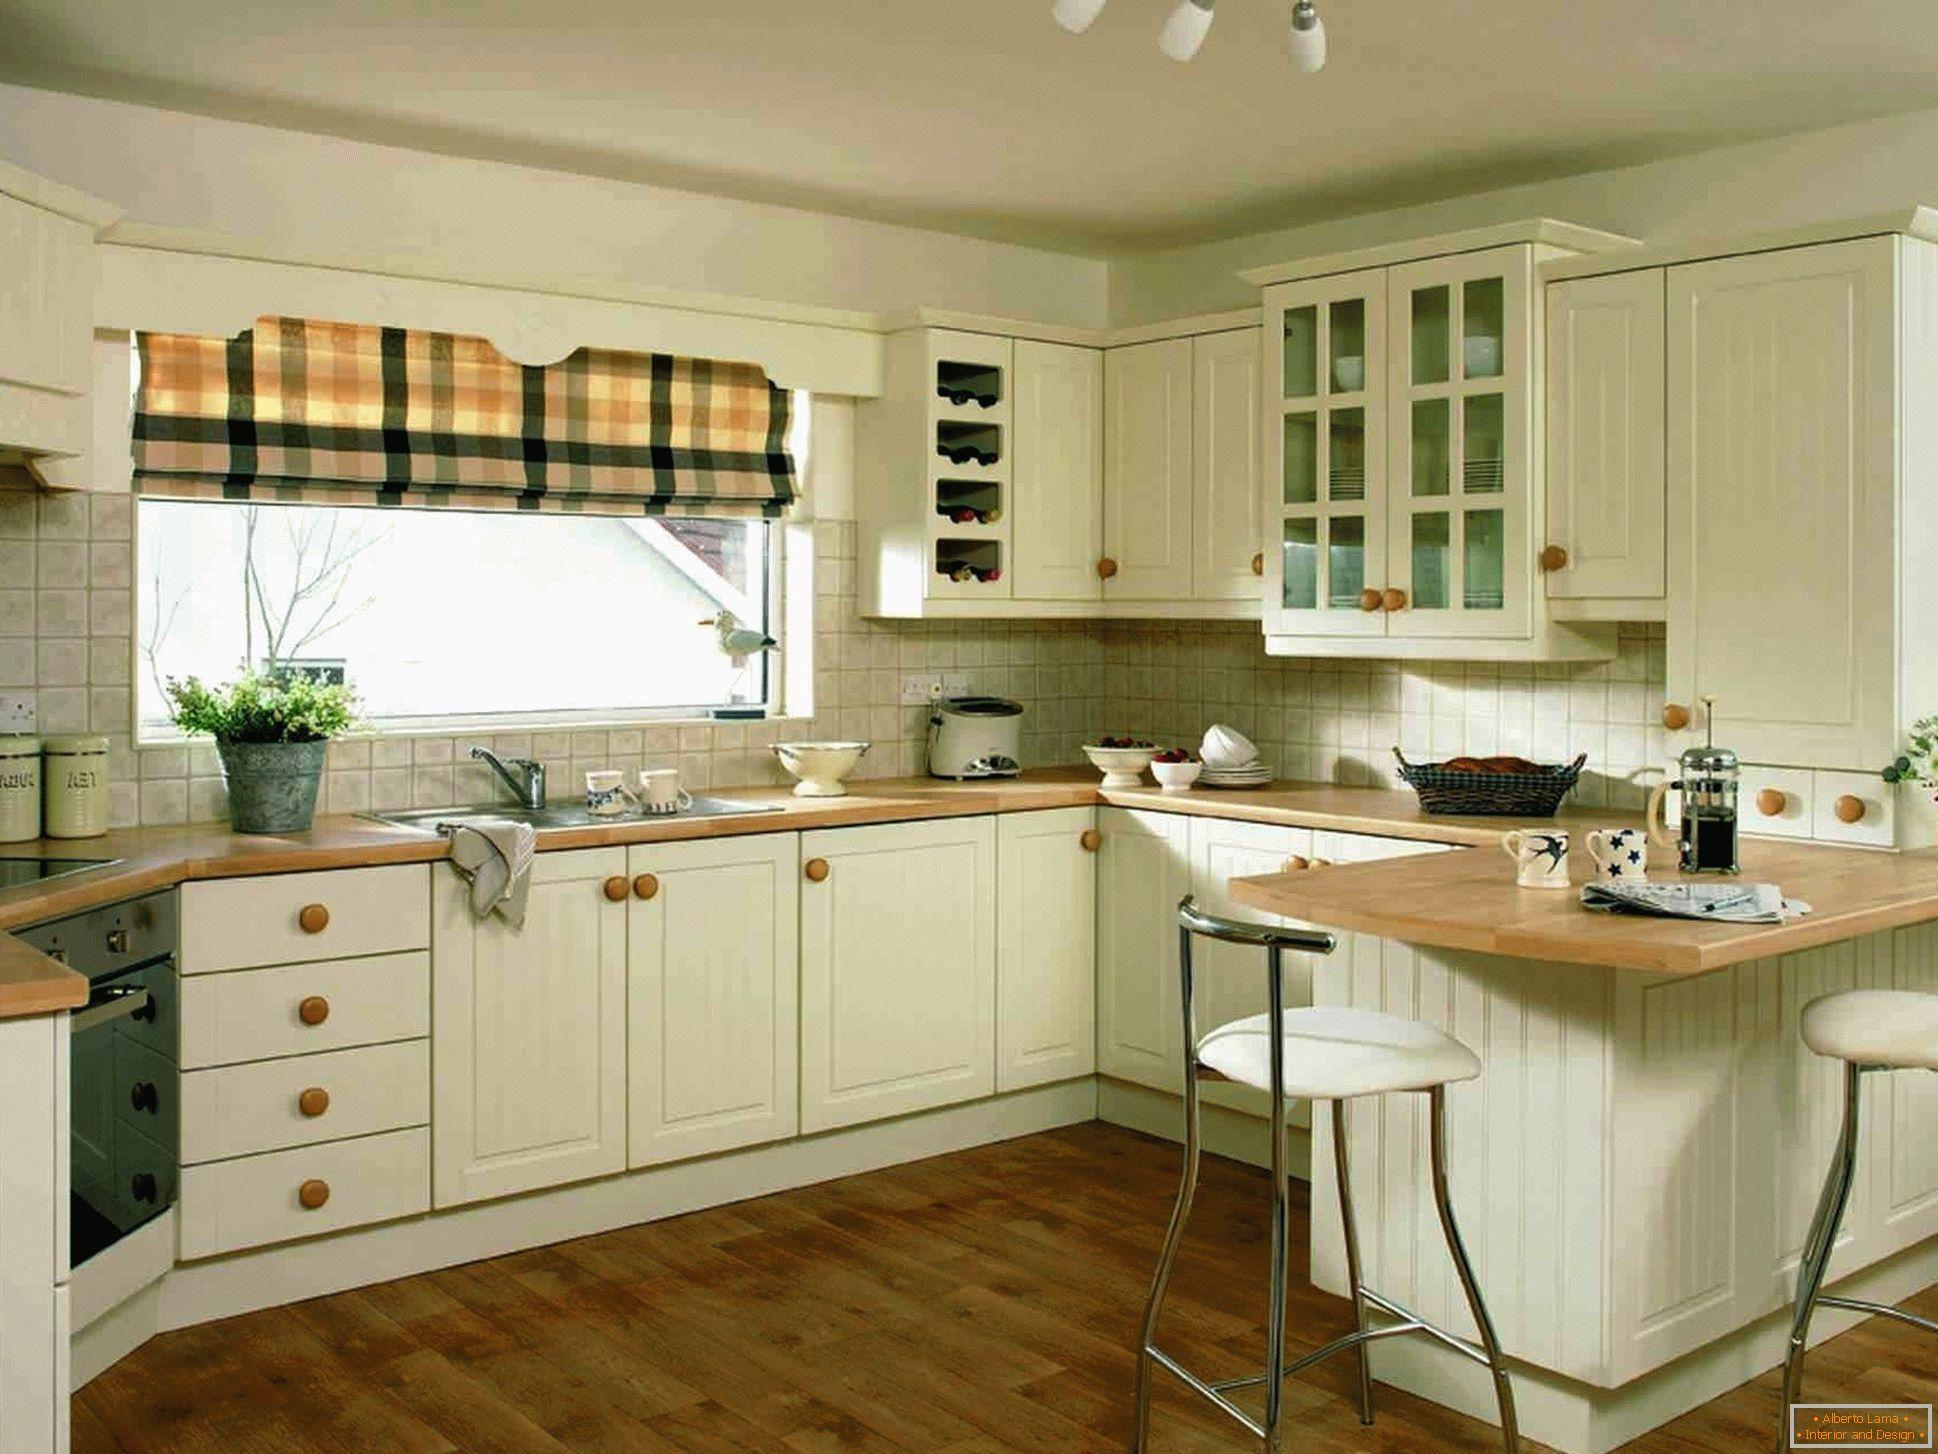 дизайн кухні з вікном 60 фото прикладів